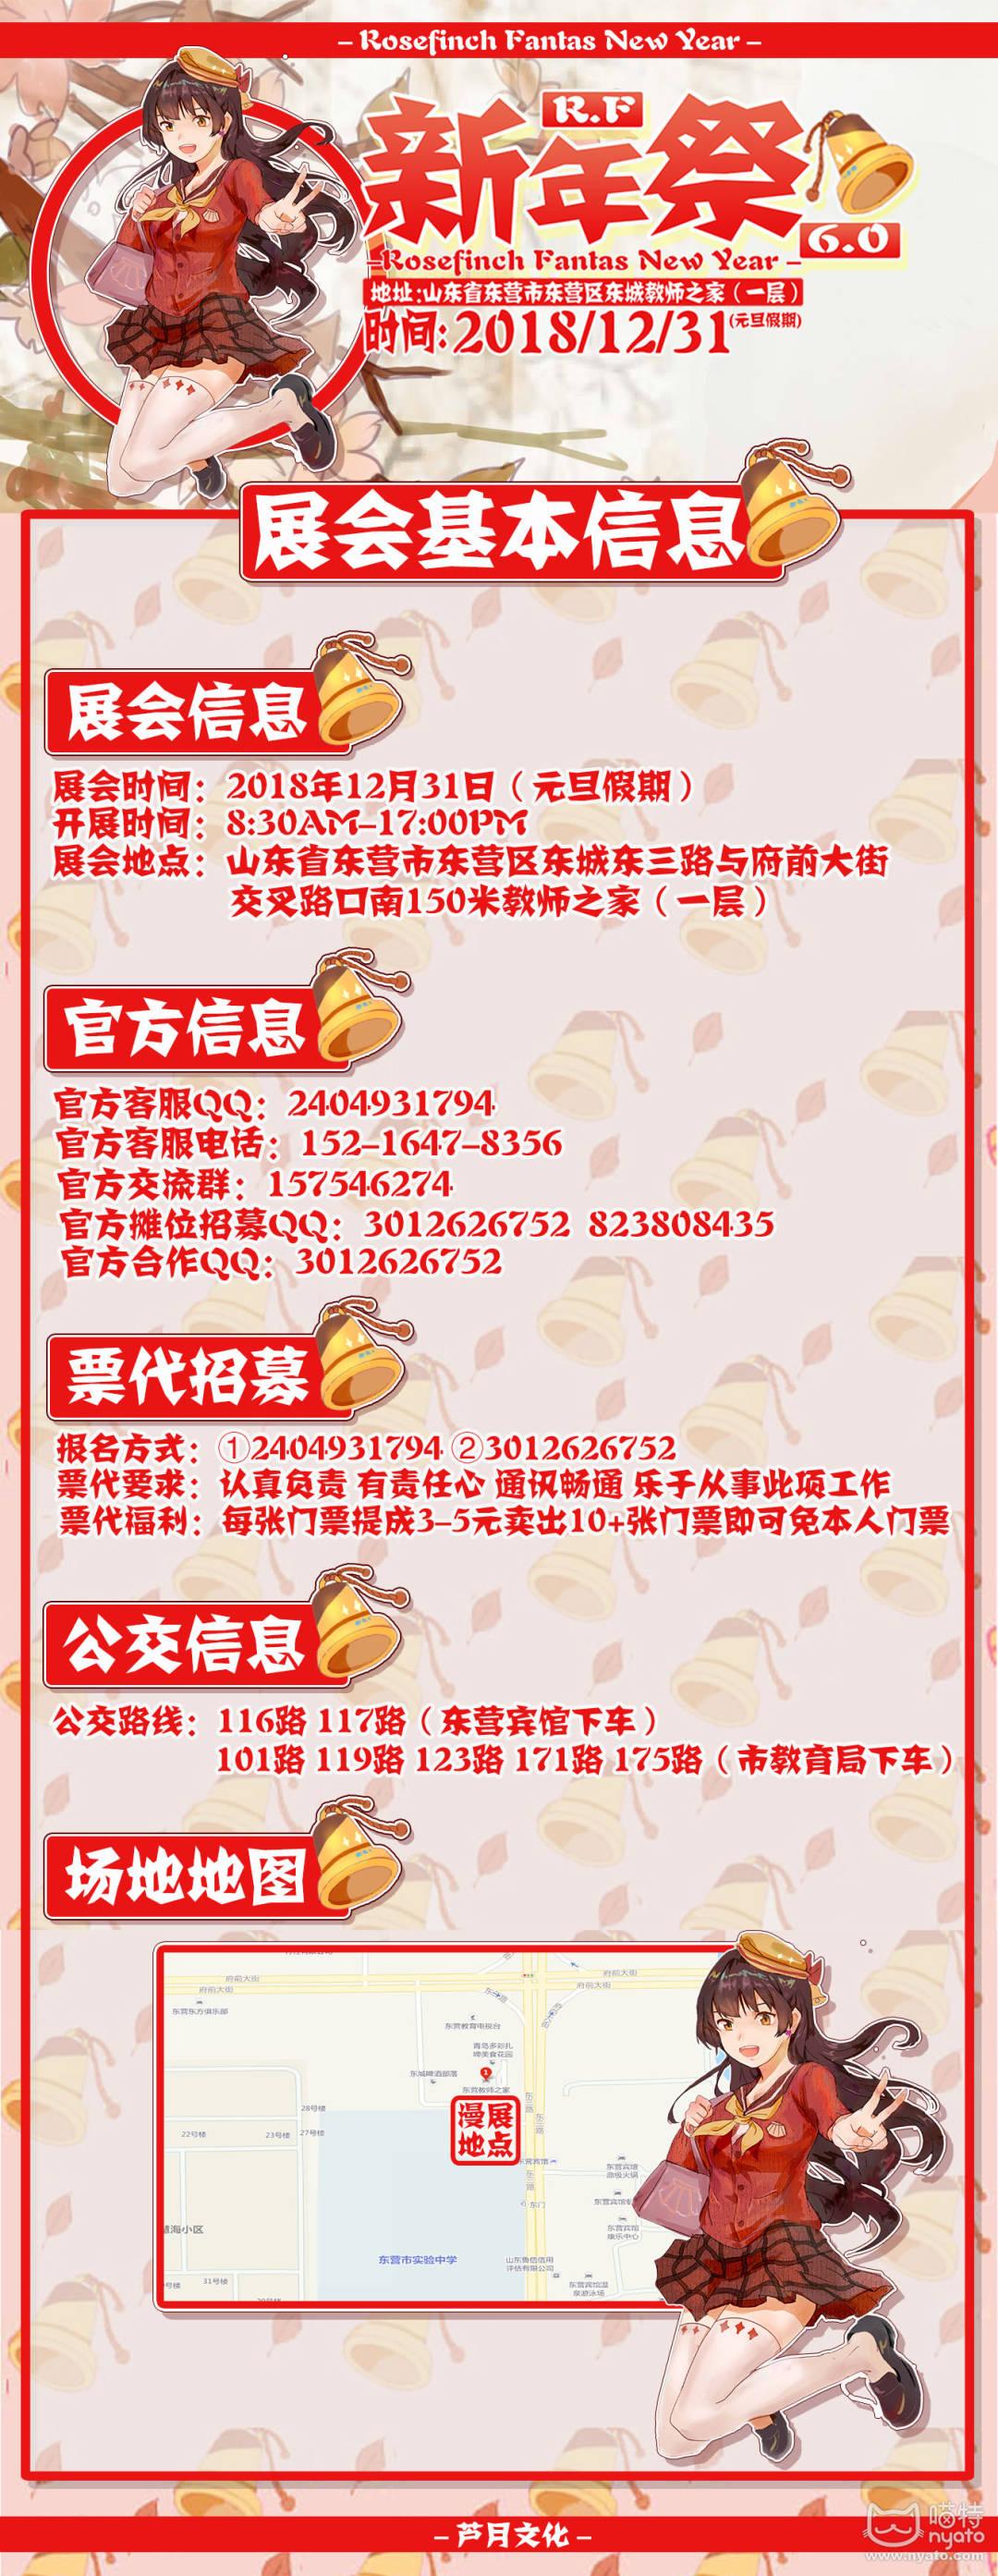 柠檬树3.0二宣 展会信息.jpg